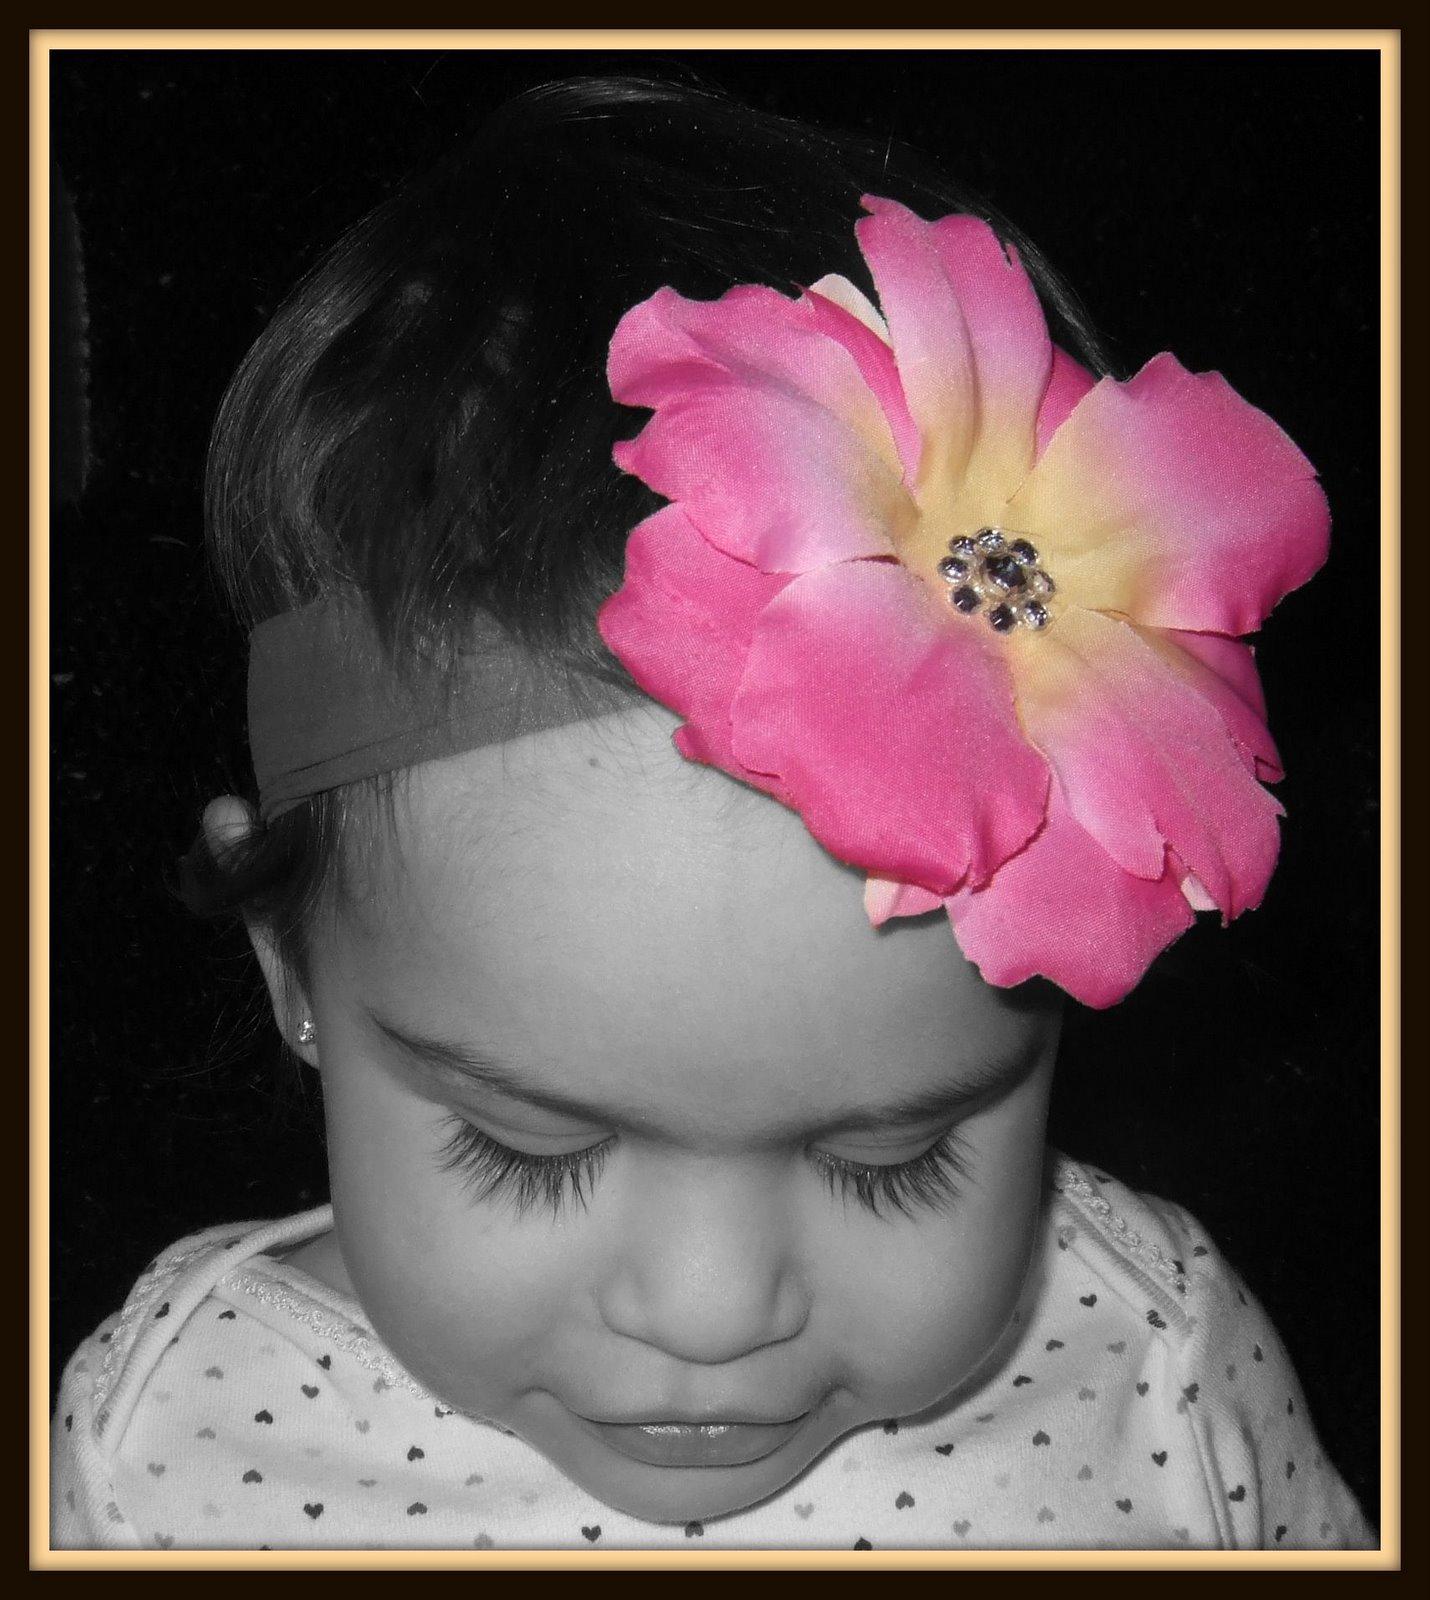 http://3.bp.blogspot.com/-L0VWunjXzBI/Rx06LI7oPII/AAAAAAAACKE/qgMq0Sx3ys4/s1600/flowerbaby3.jpg